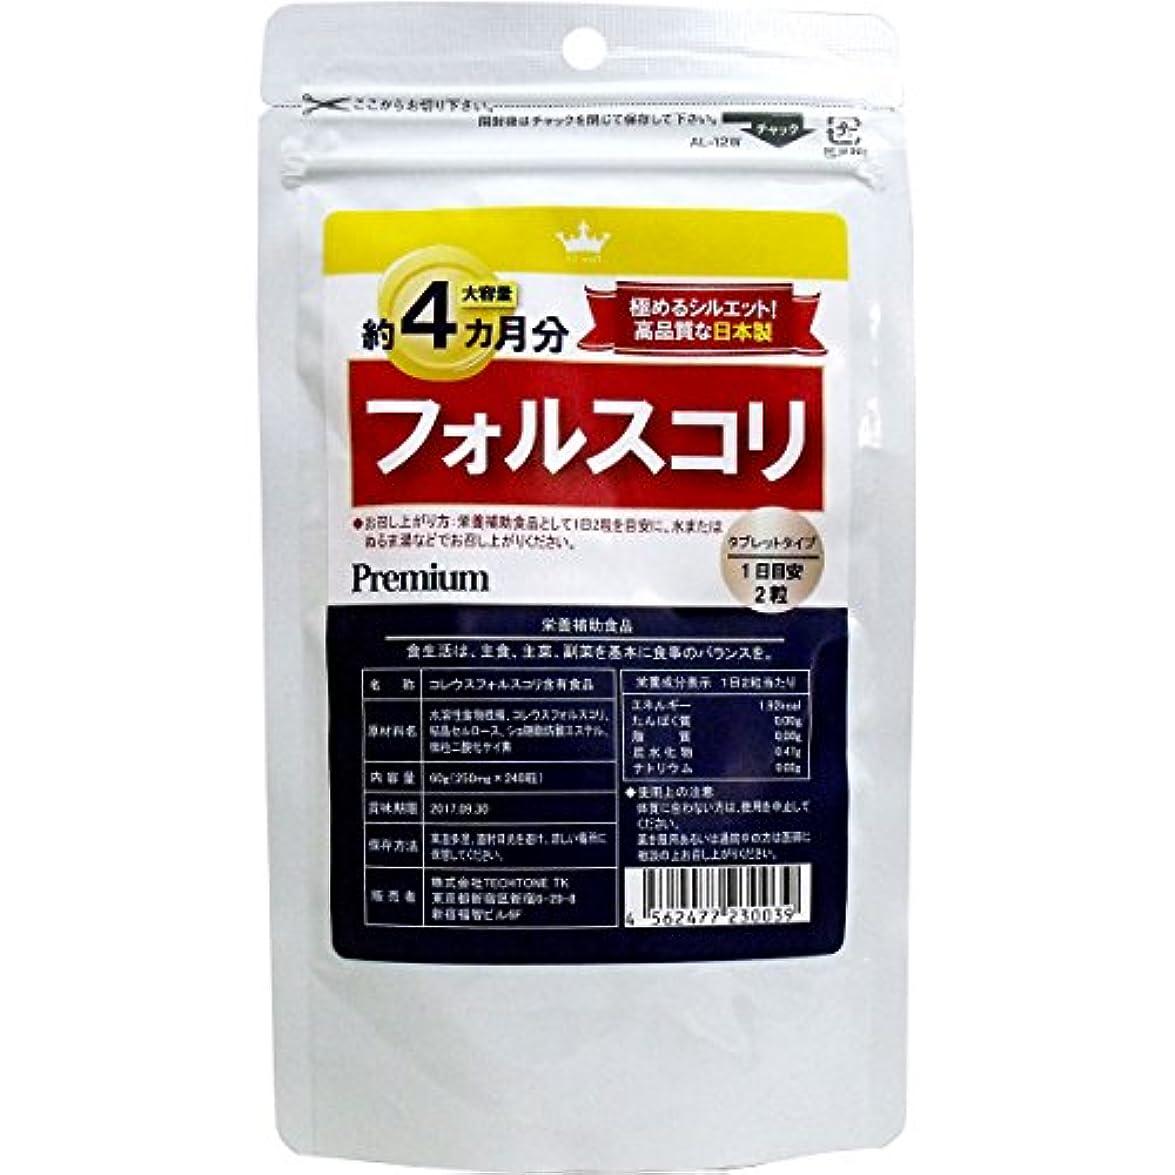 日焼けライナー起きろサプリメント 高品質な日本製 健康食品 フォルスコリ 約4カ月分 240粒入【5個セット】